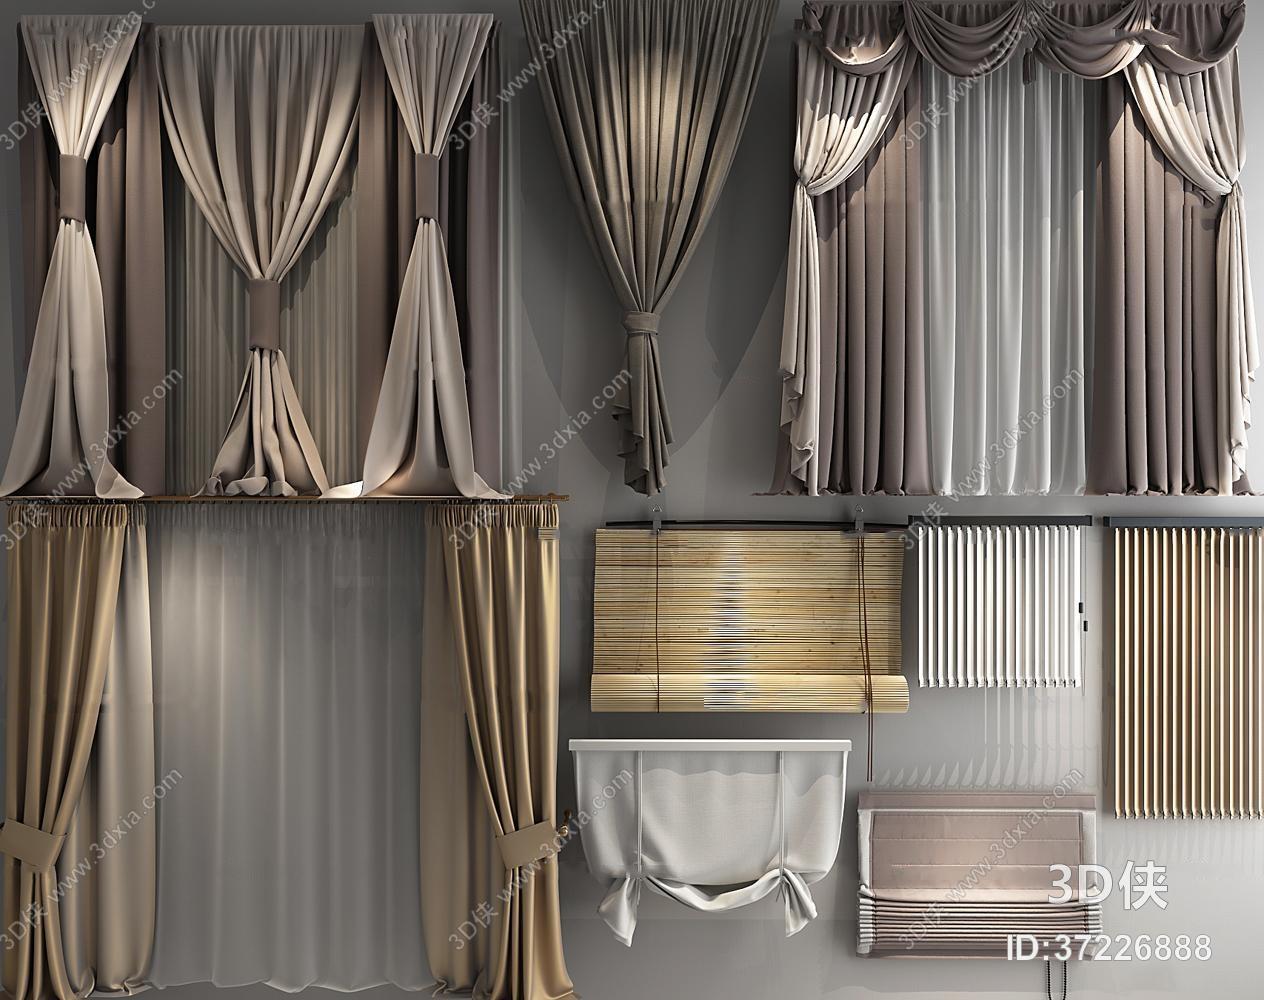 窗帘家纺效果图素材免费下载,本作品主题是现代窗帘布帘卷帘纱帘组合